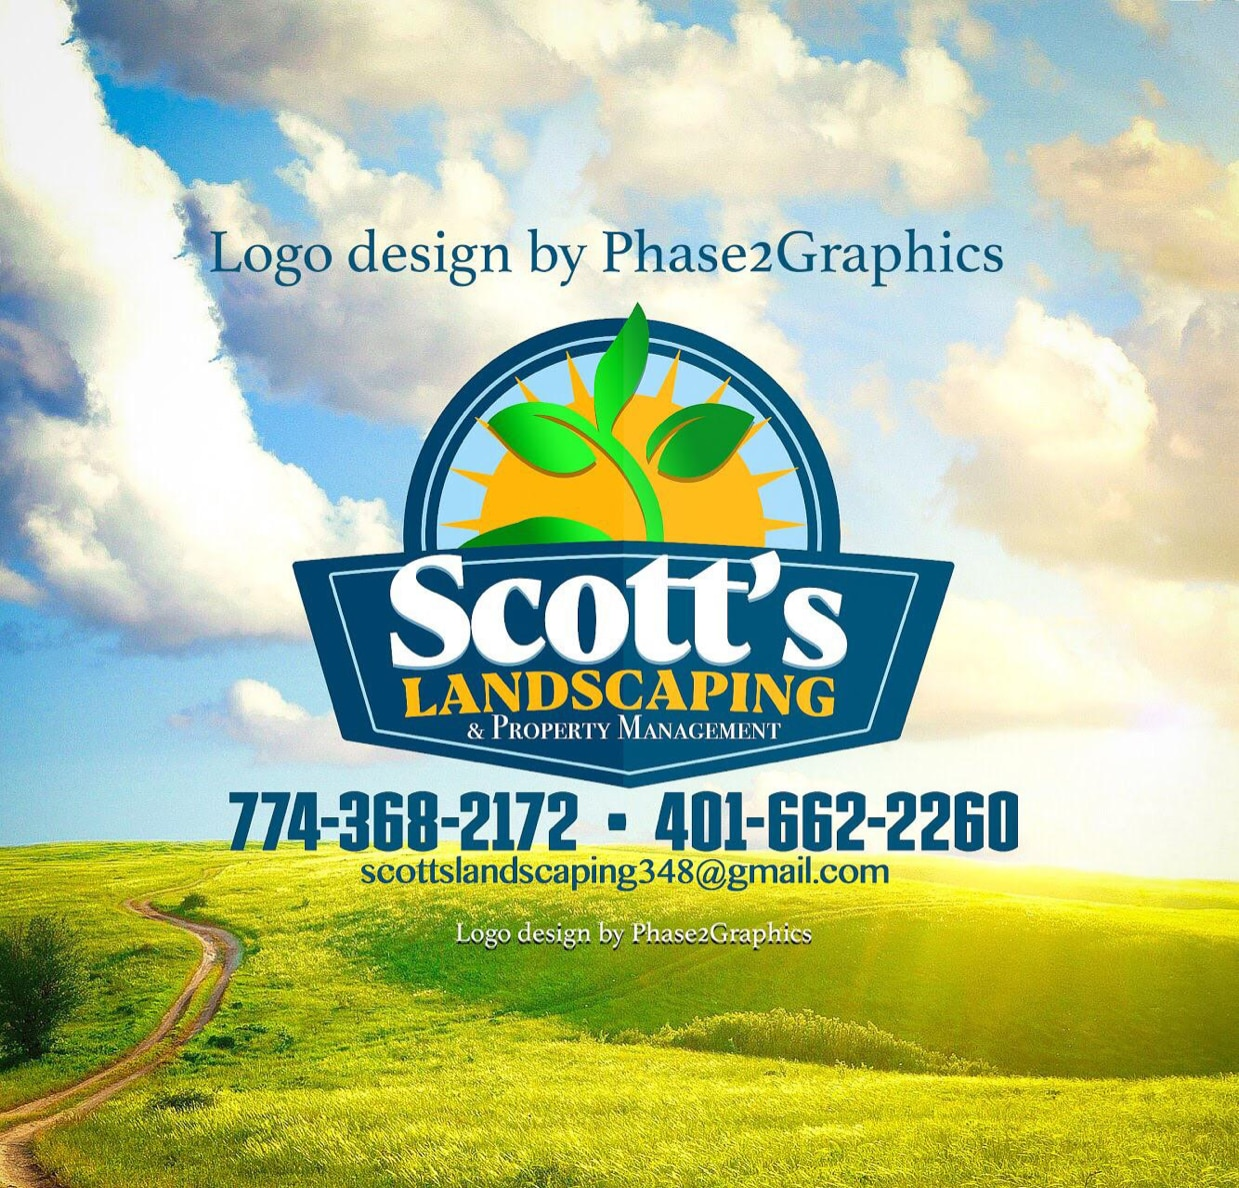 Scott's Landscaping